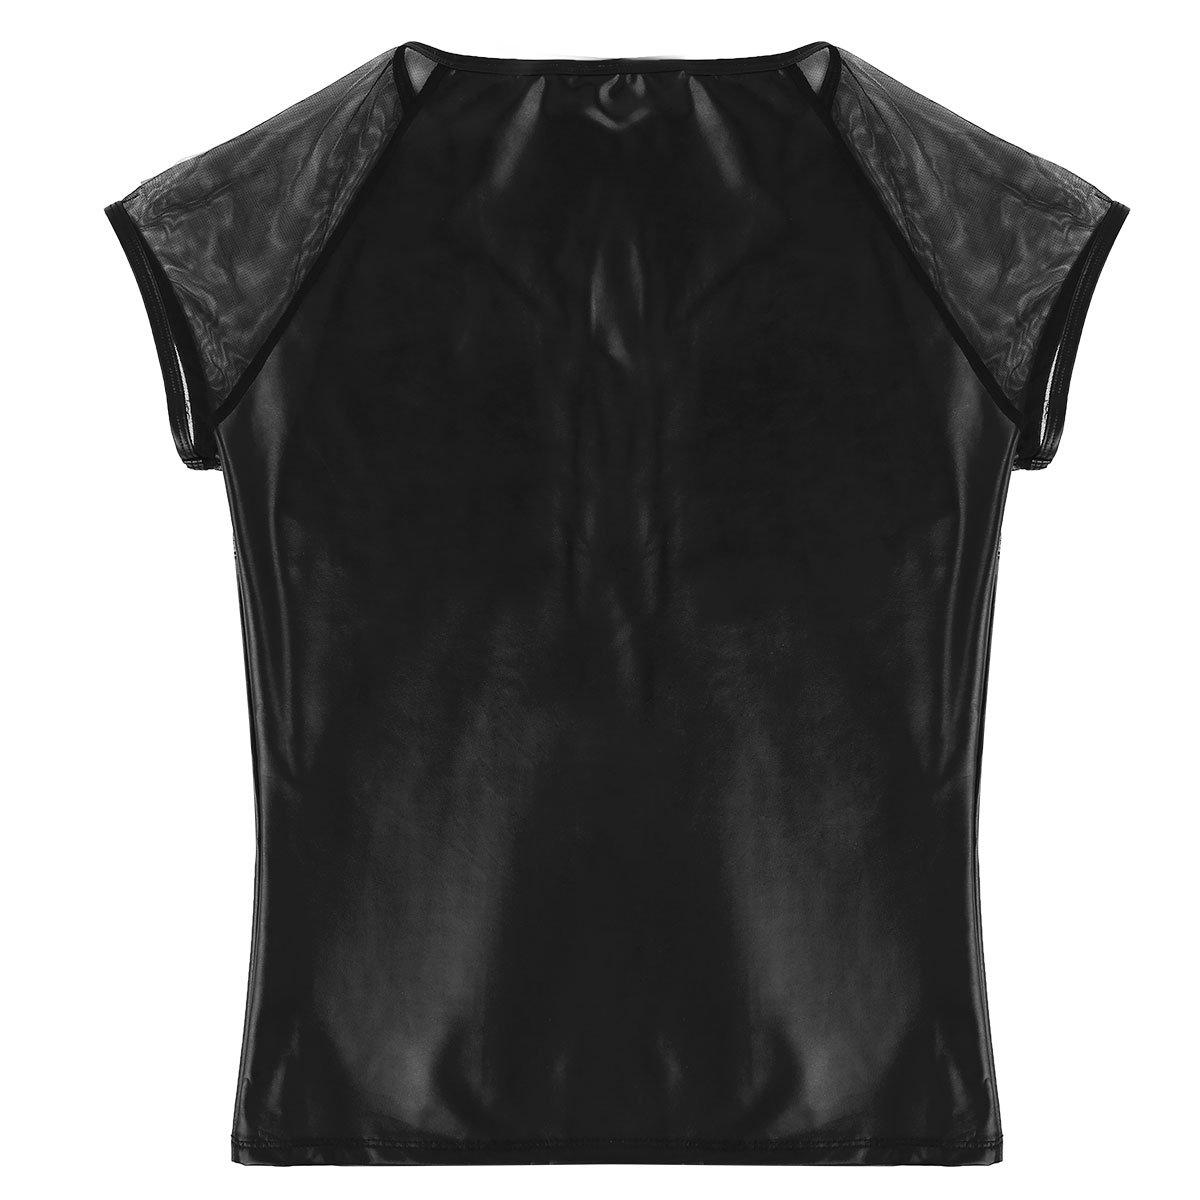 Agoky Sexy Herren T-Shirt Slim Fit V-Ausschnitt Tee Kurzarm Unterhemd Lack  Leder Shirt Glänzend Männer Wetlook Clubwear M-XXL  Amazon.de  Bekleidung 4cf2c06226